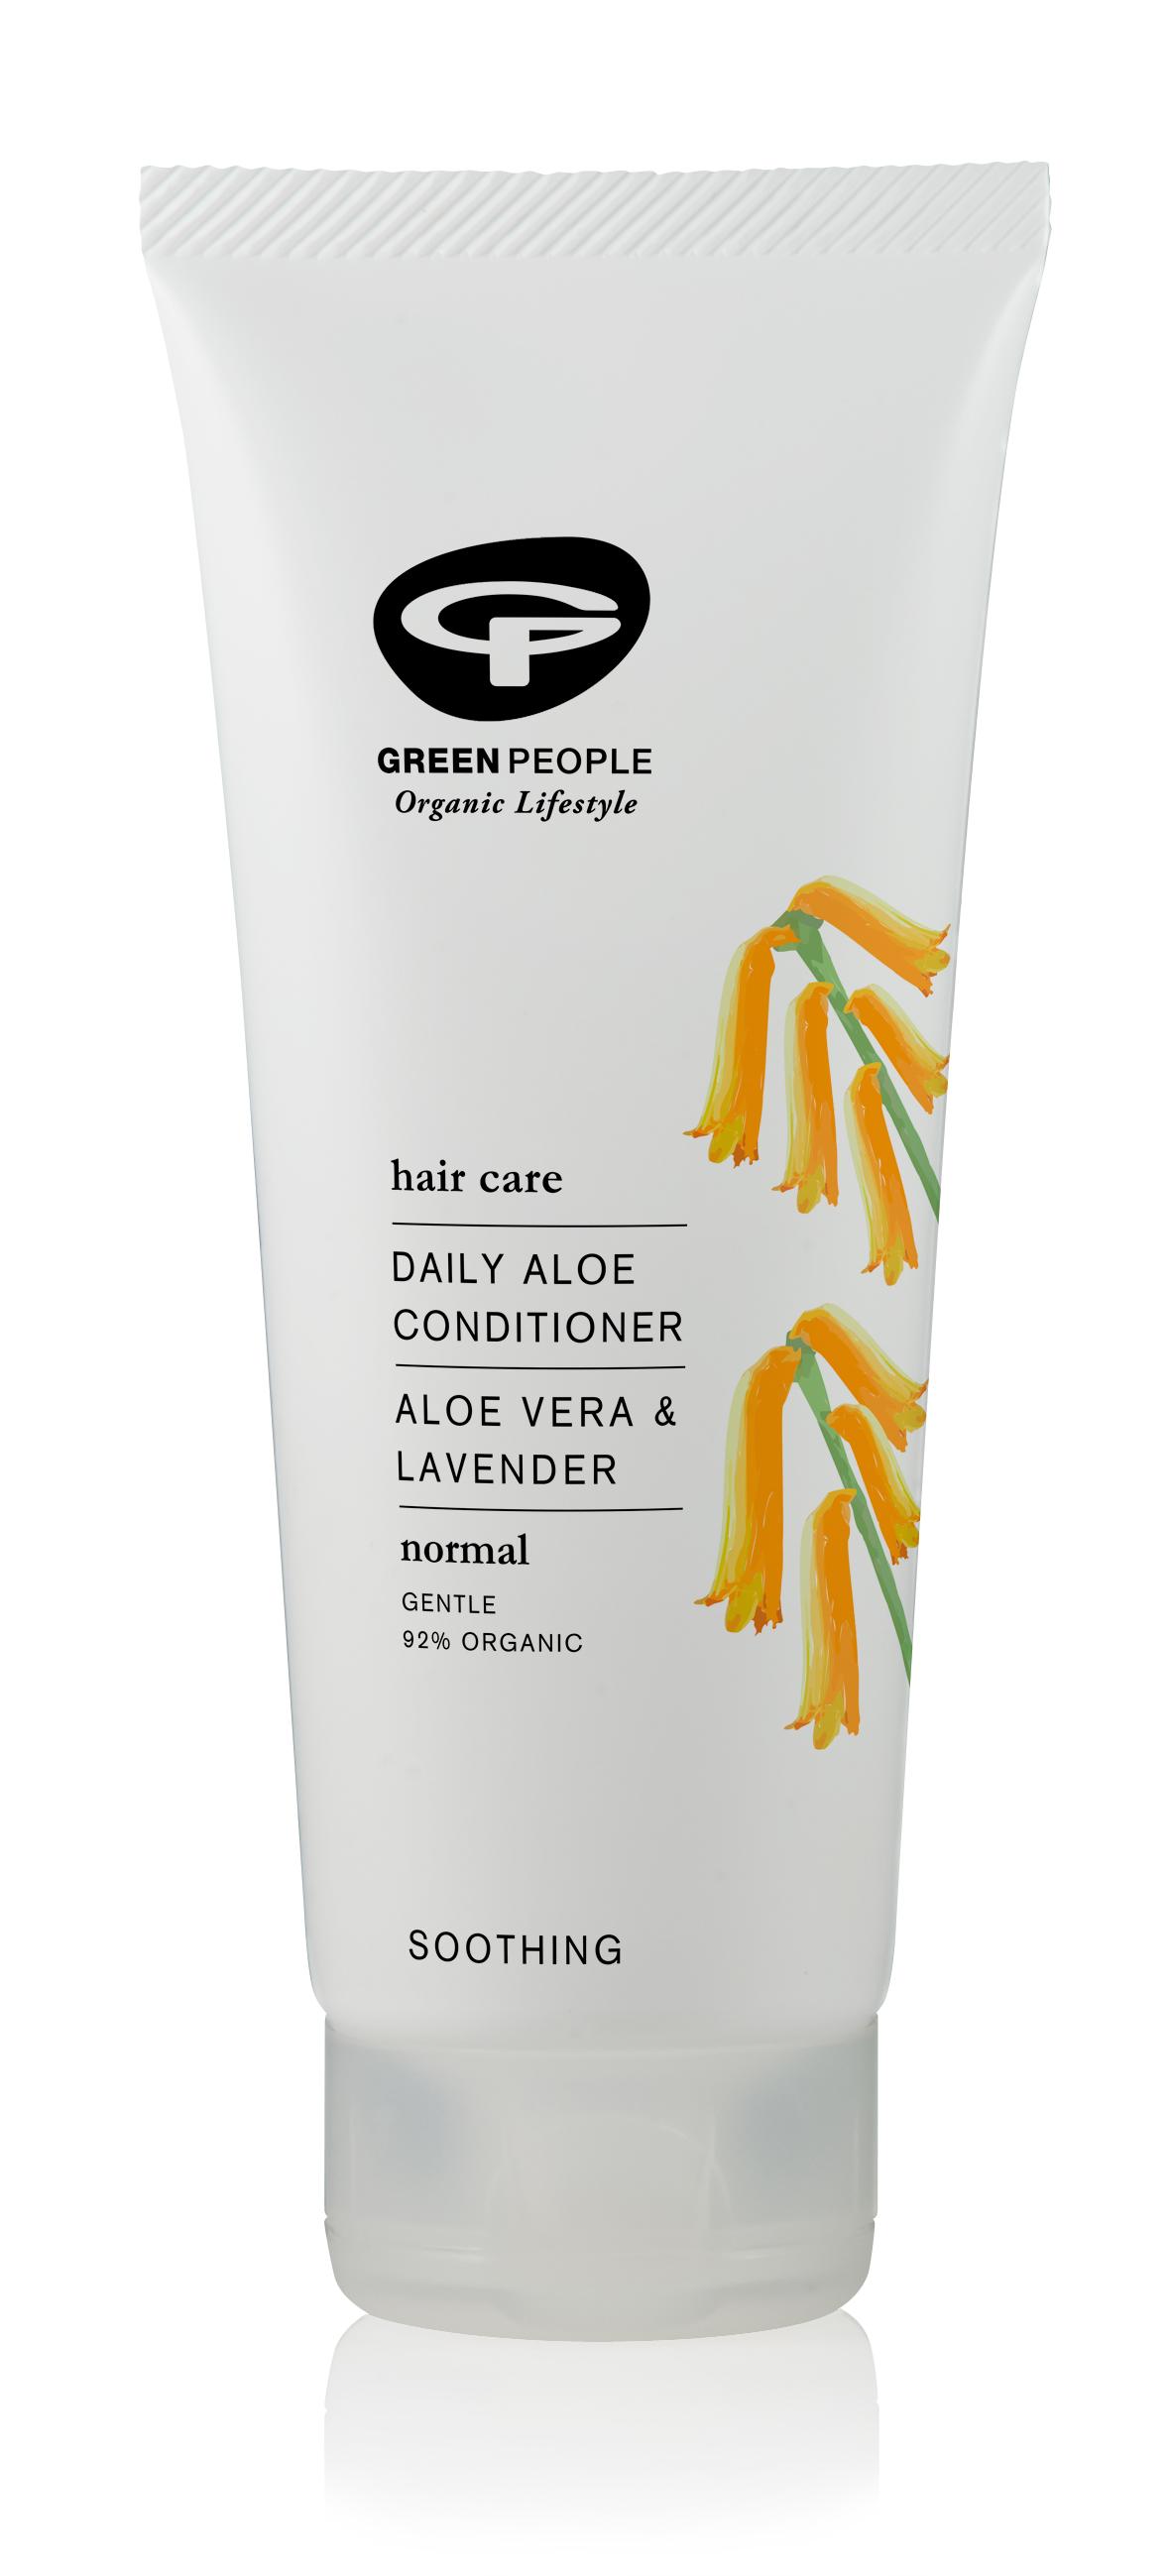 Daily Aloe Conditioner 200ml